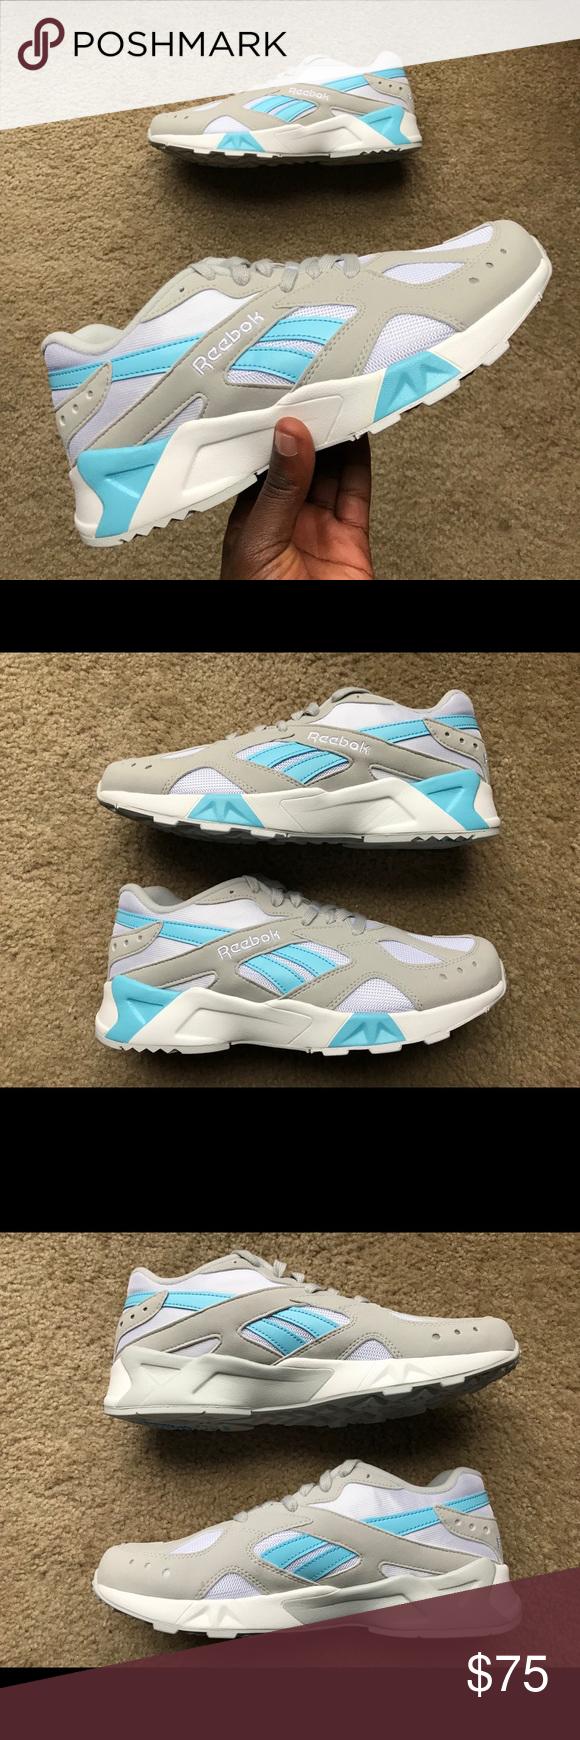 1c063f12268 Reebok Aztrek OG Sneaker Brand New